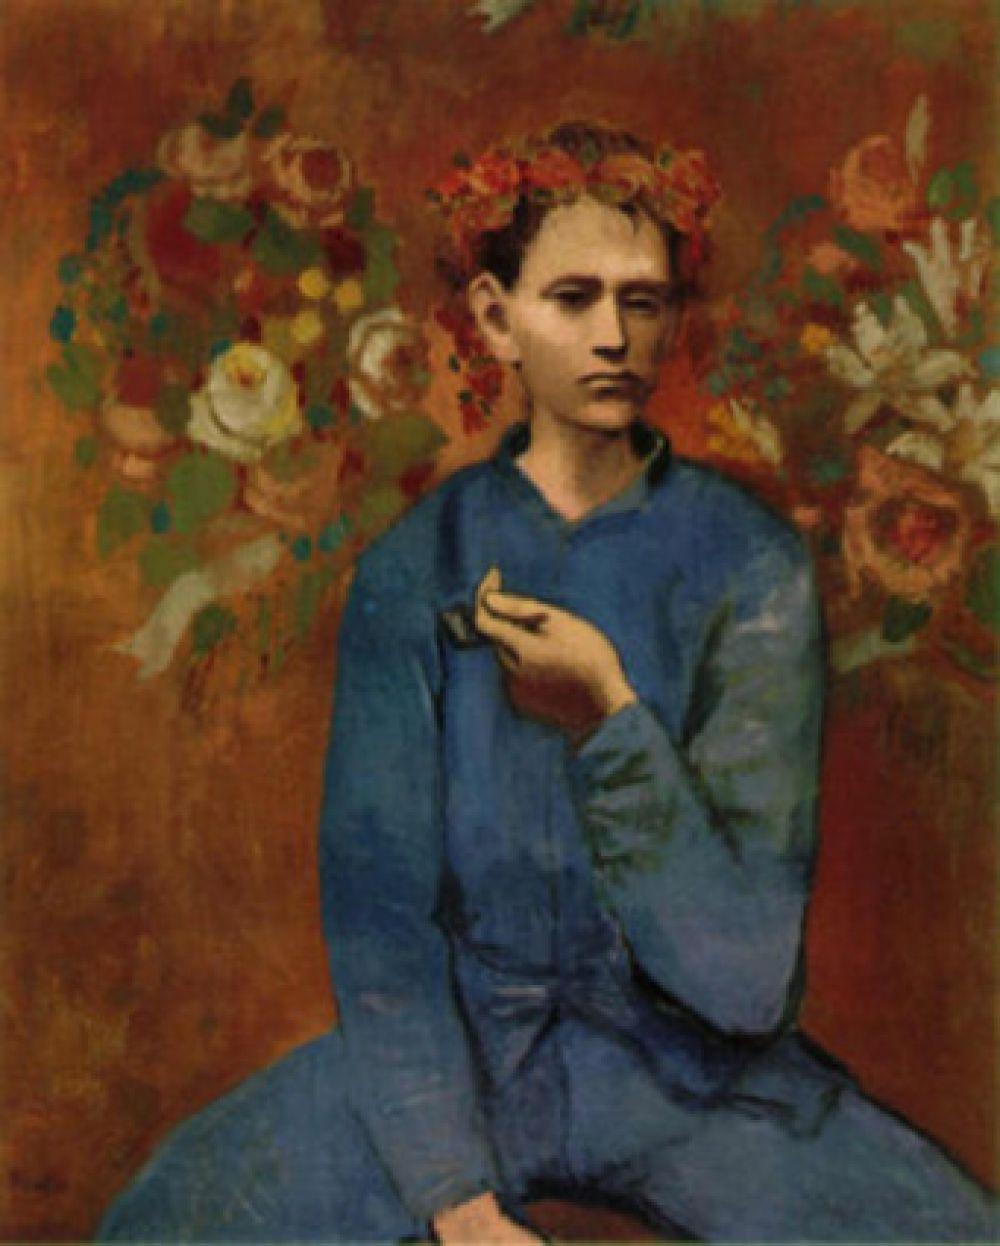 «Мальчик с трубкой», Пабло Пикассо. Год создания: 1905. Дата продажи: 4 мая 2004 года. Цена 104,1 млн. долларов.